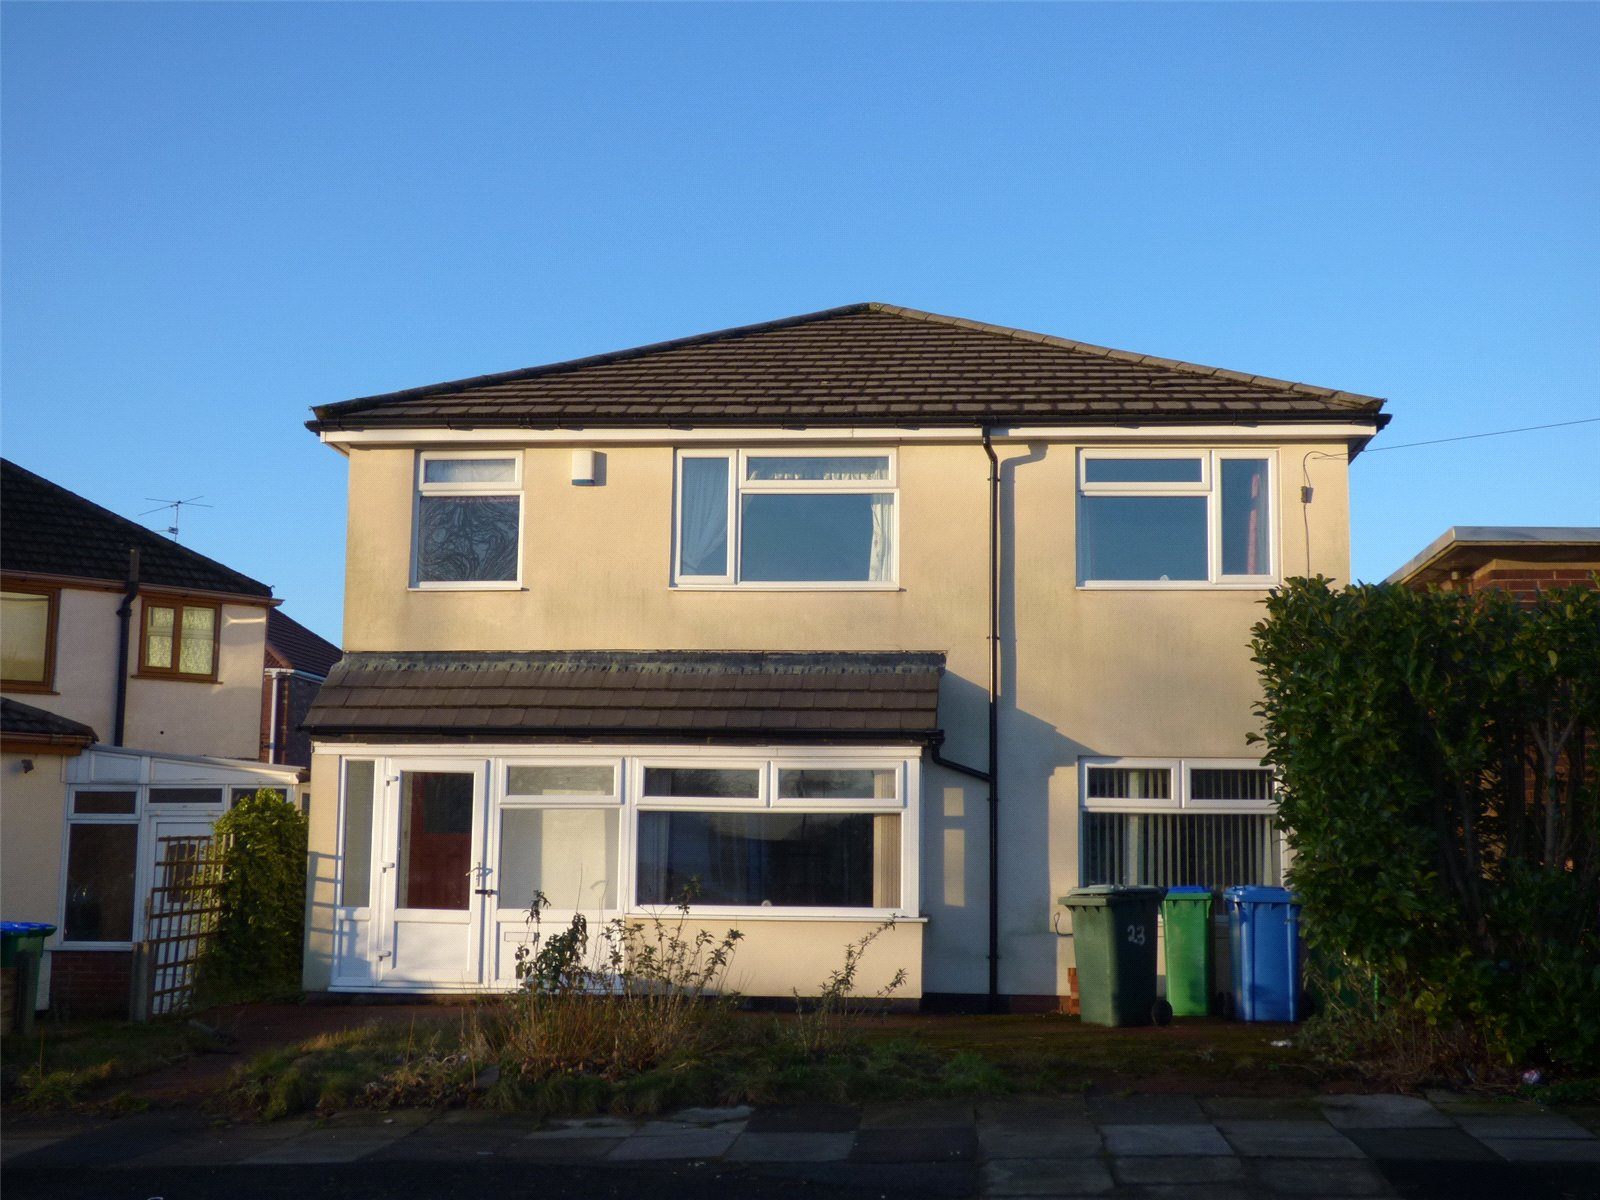 3 Bedrooms Detached House for sale in Kingsway, Alkrington, Middleton, Manchester, M24